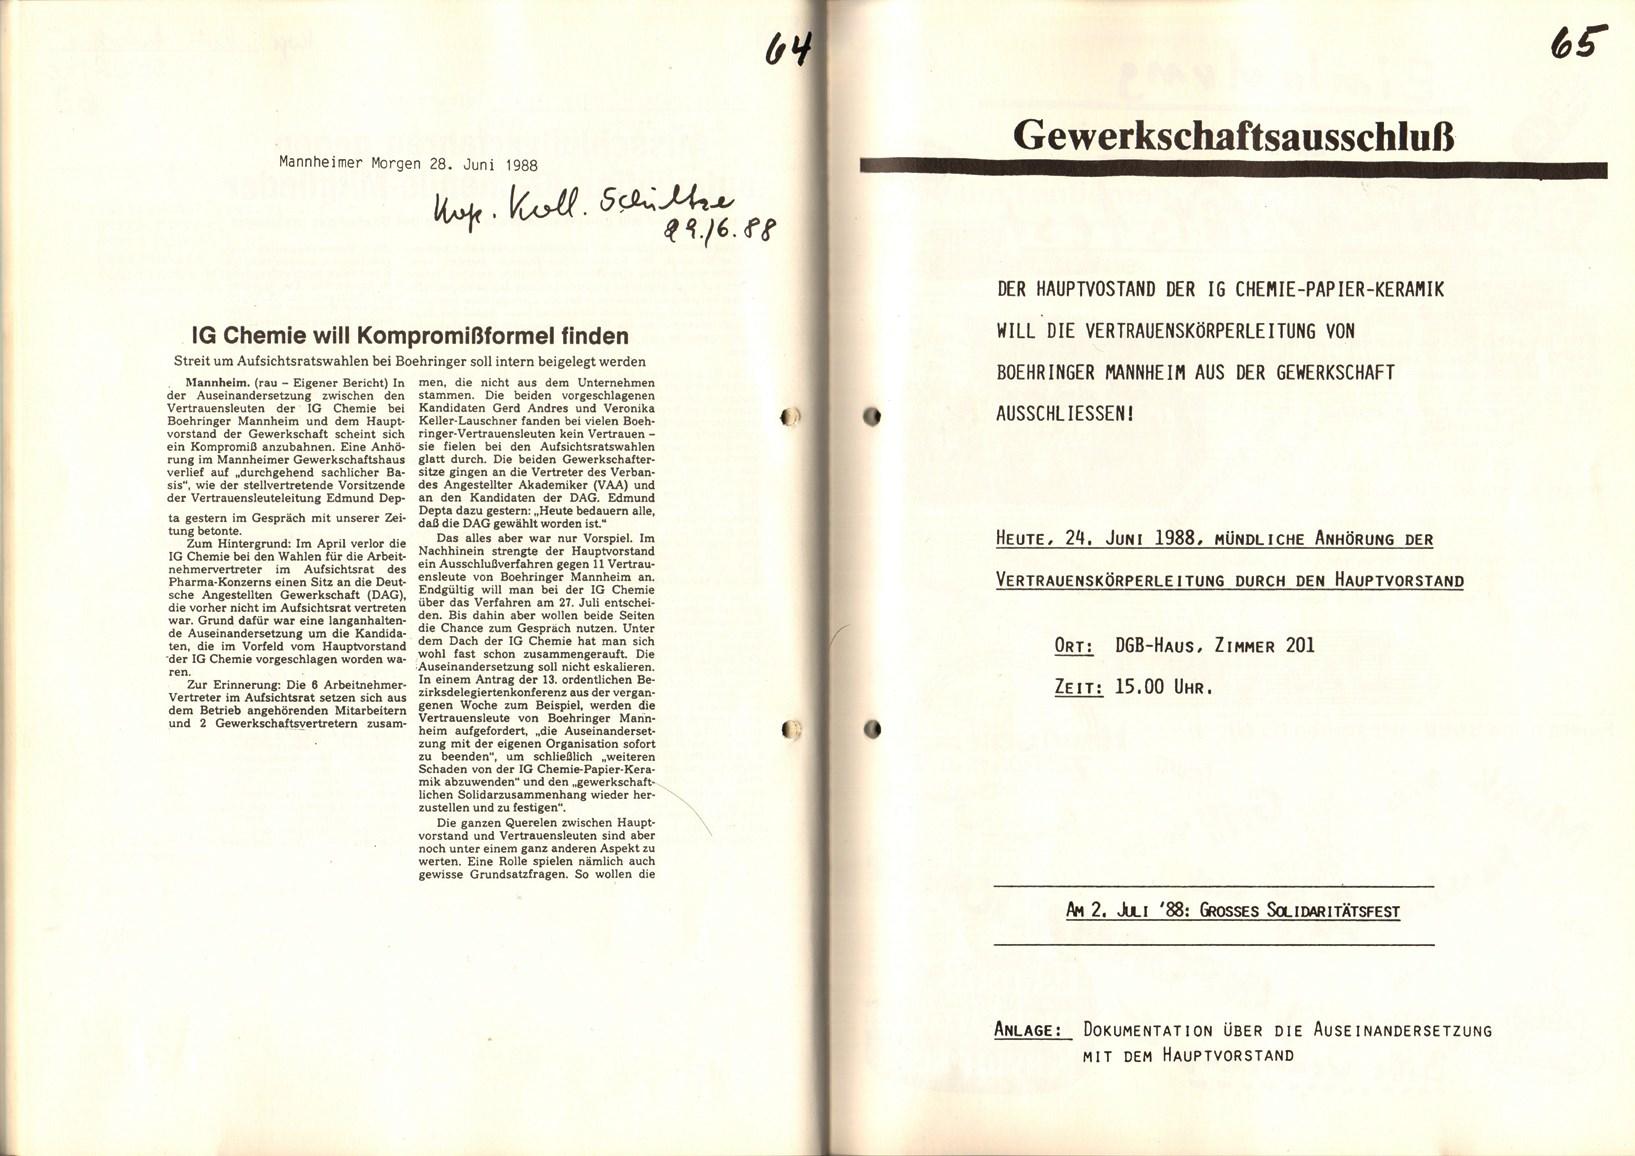 Mannheim_Boehringer_Ausschluss_VKL_Doku1_1988_58